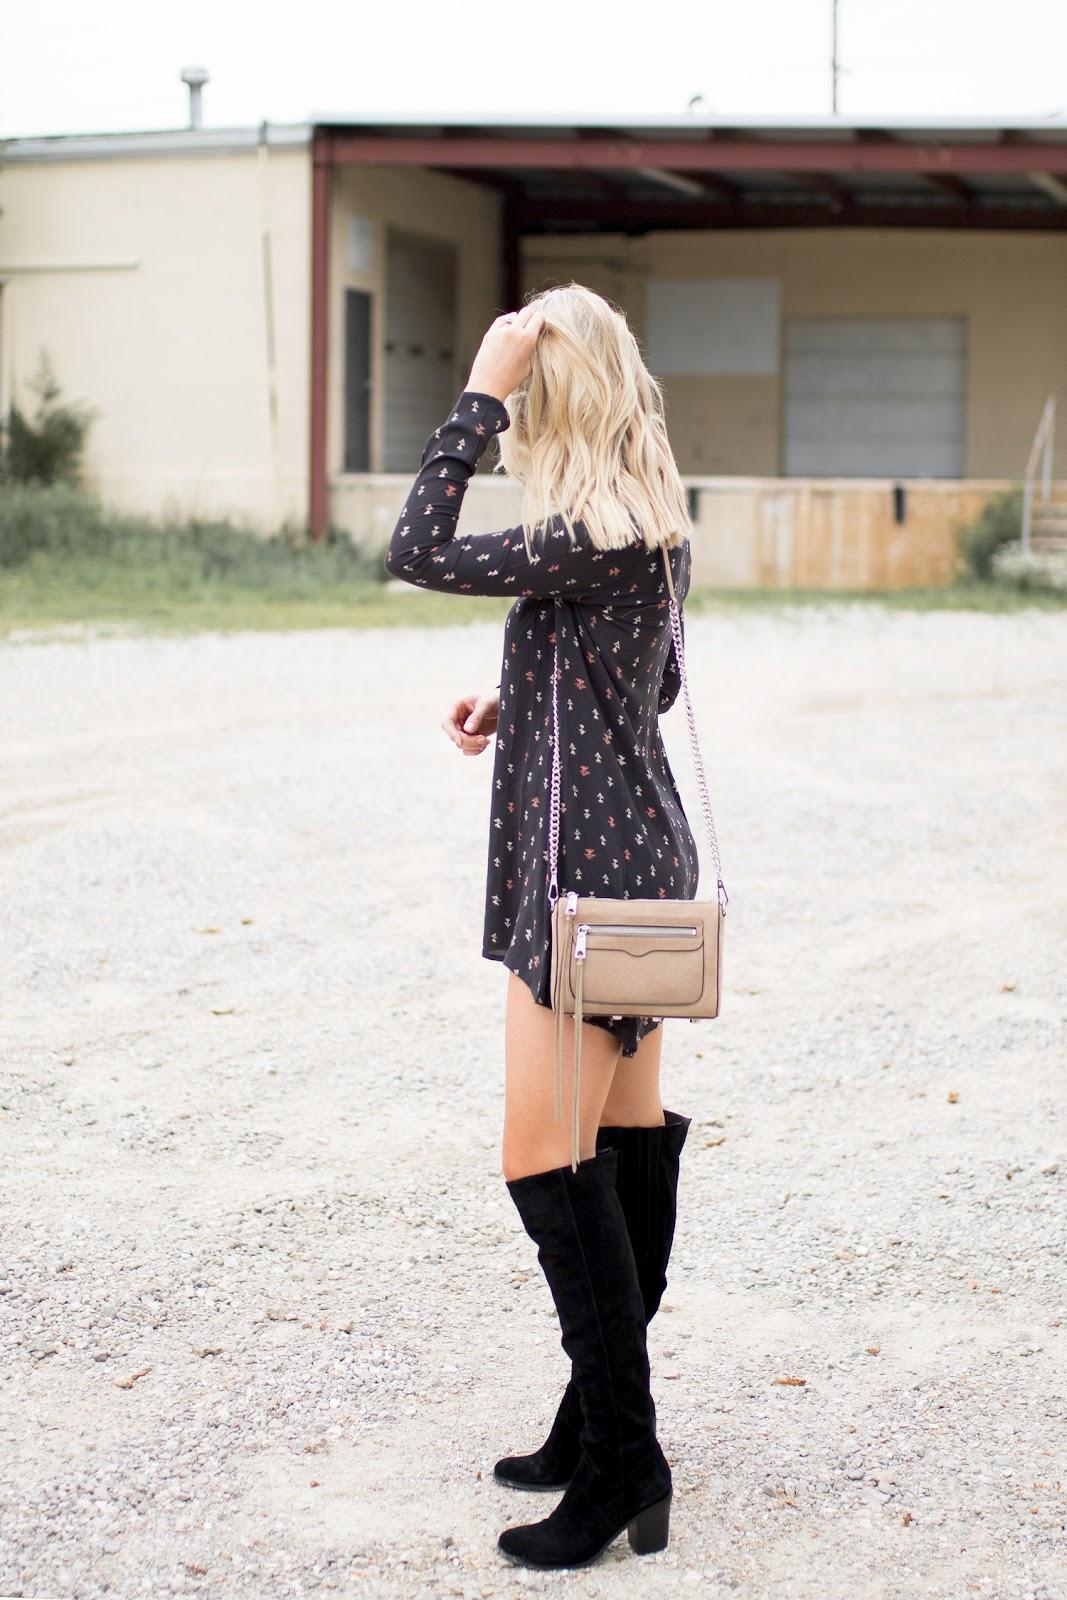 Dress + tall boots